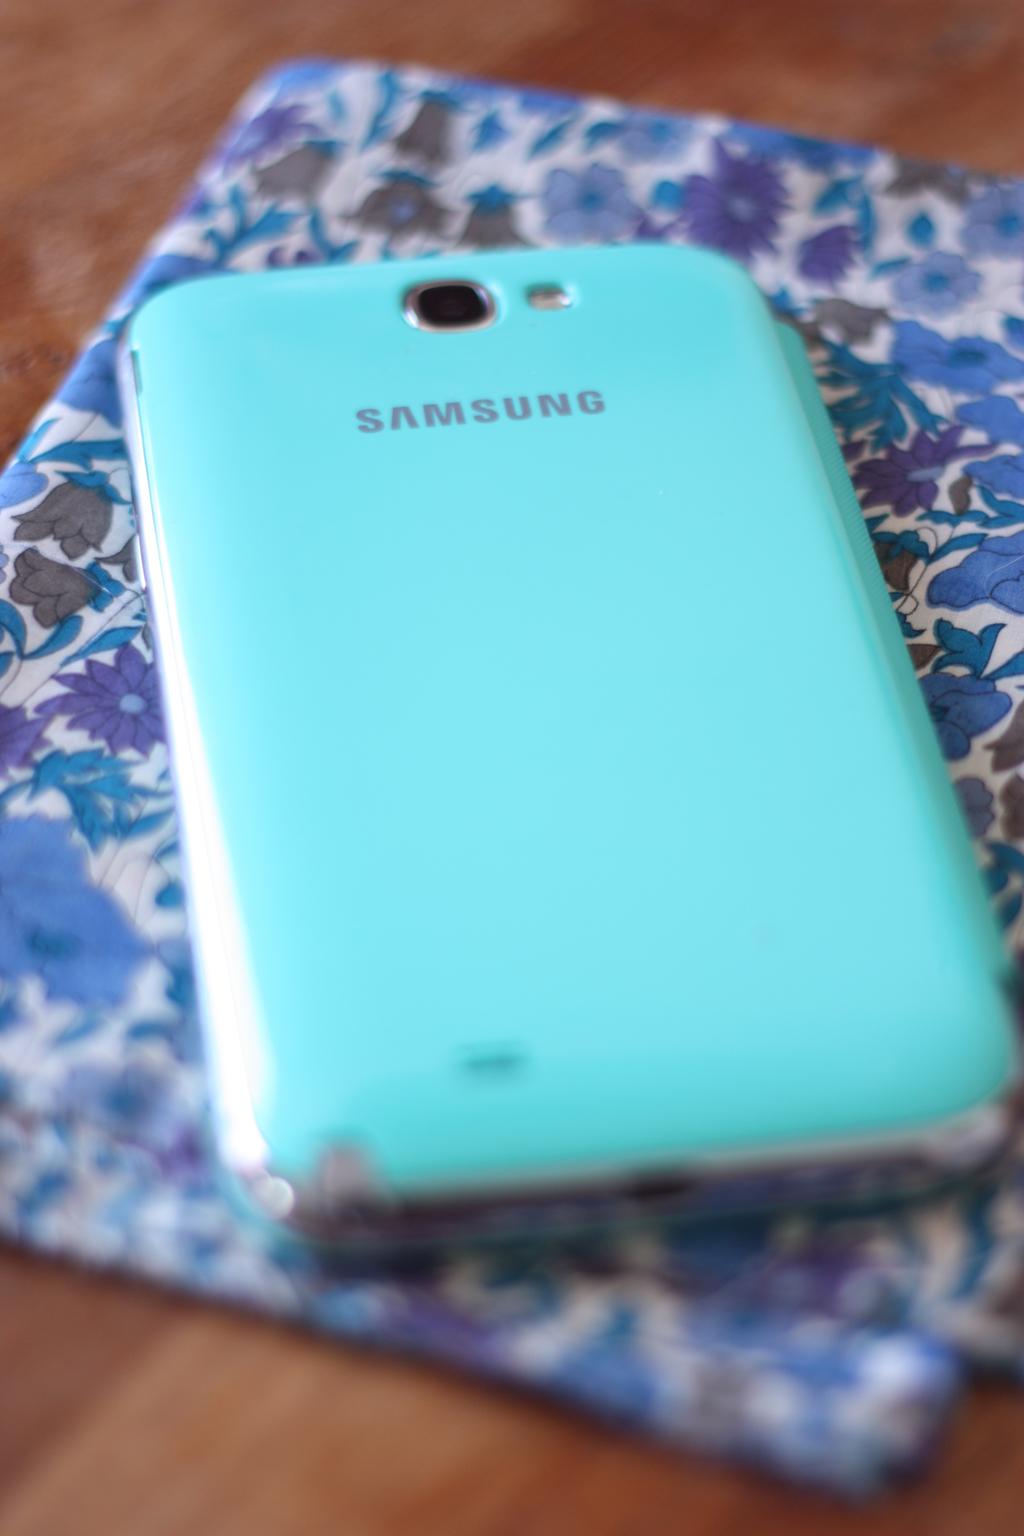 Samsung_galaxy_Note_II_by_madamelove